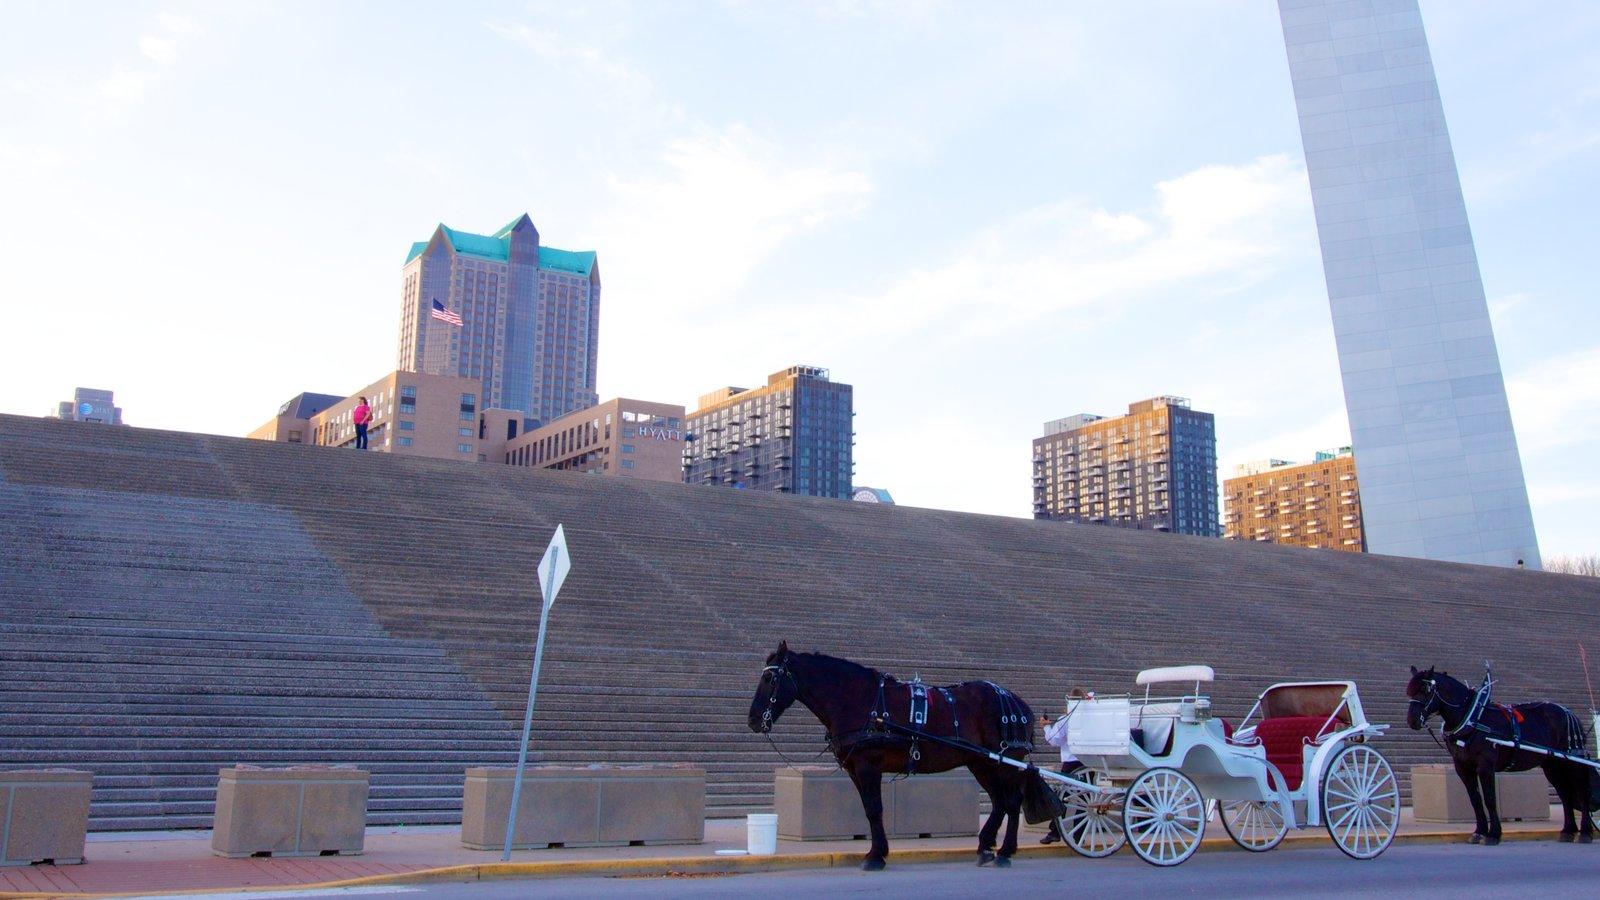 Gateway Arch mostrando arquitetura moderna, um monumento e uma cidade